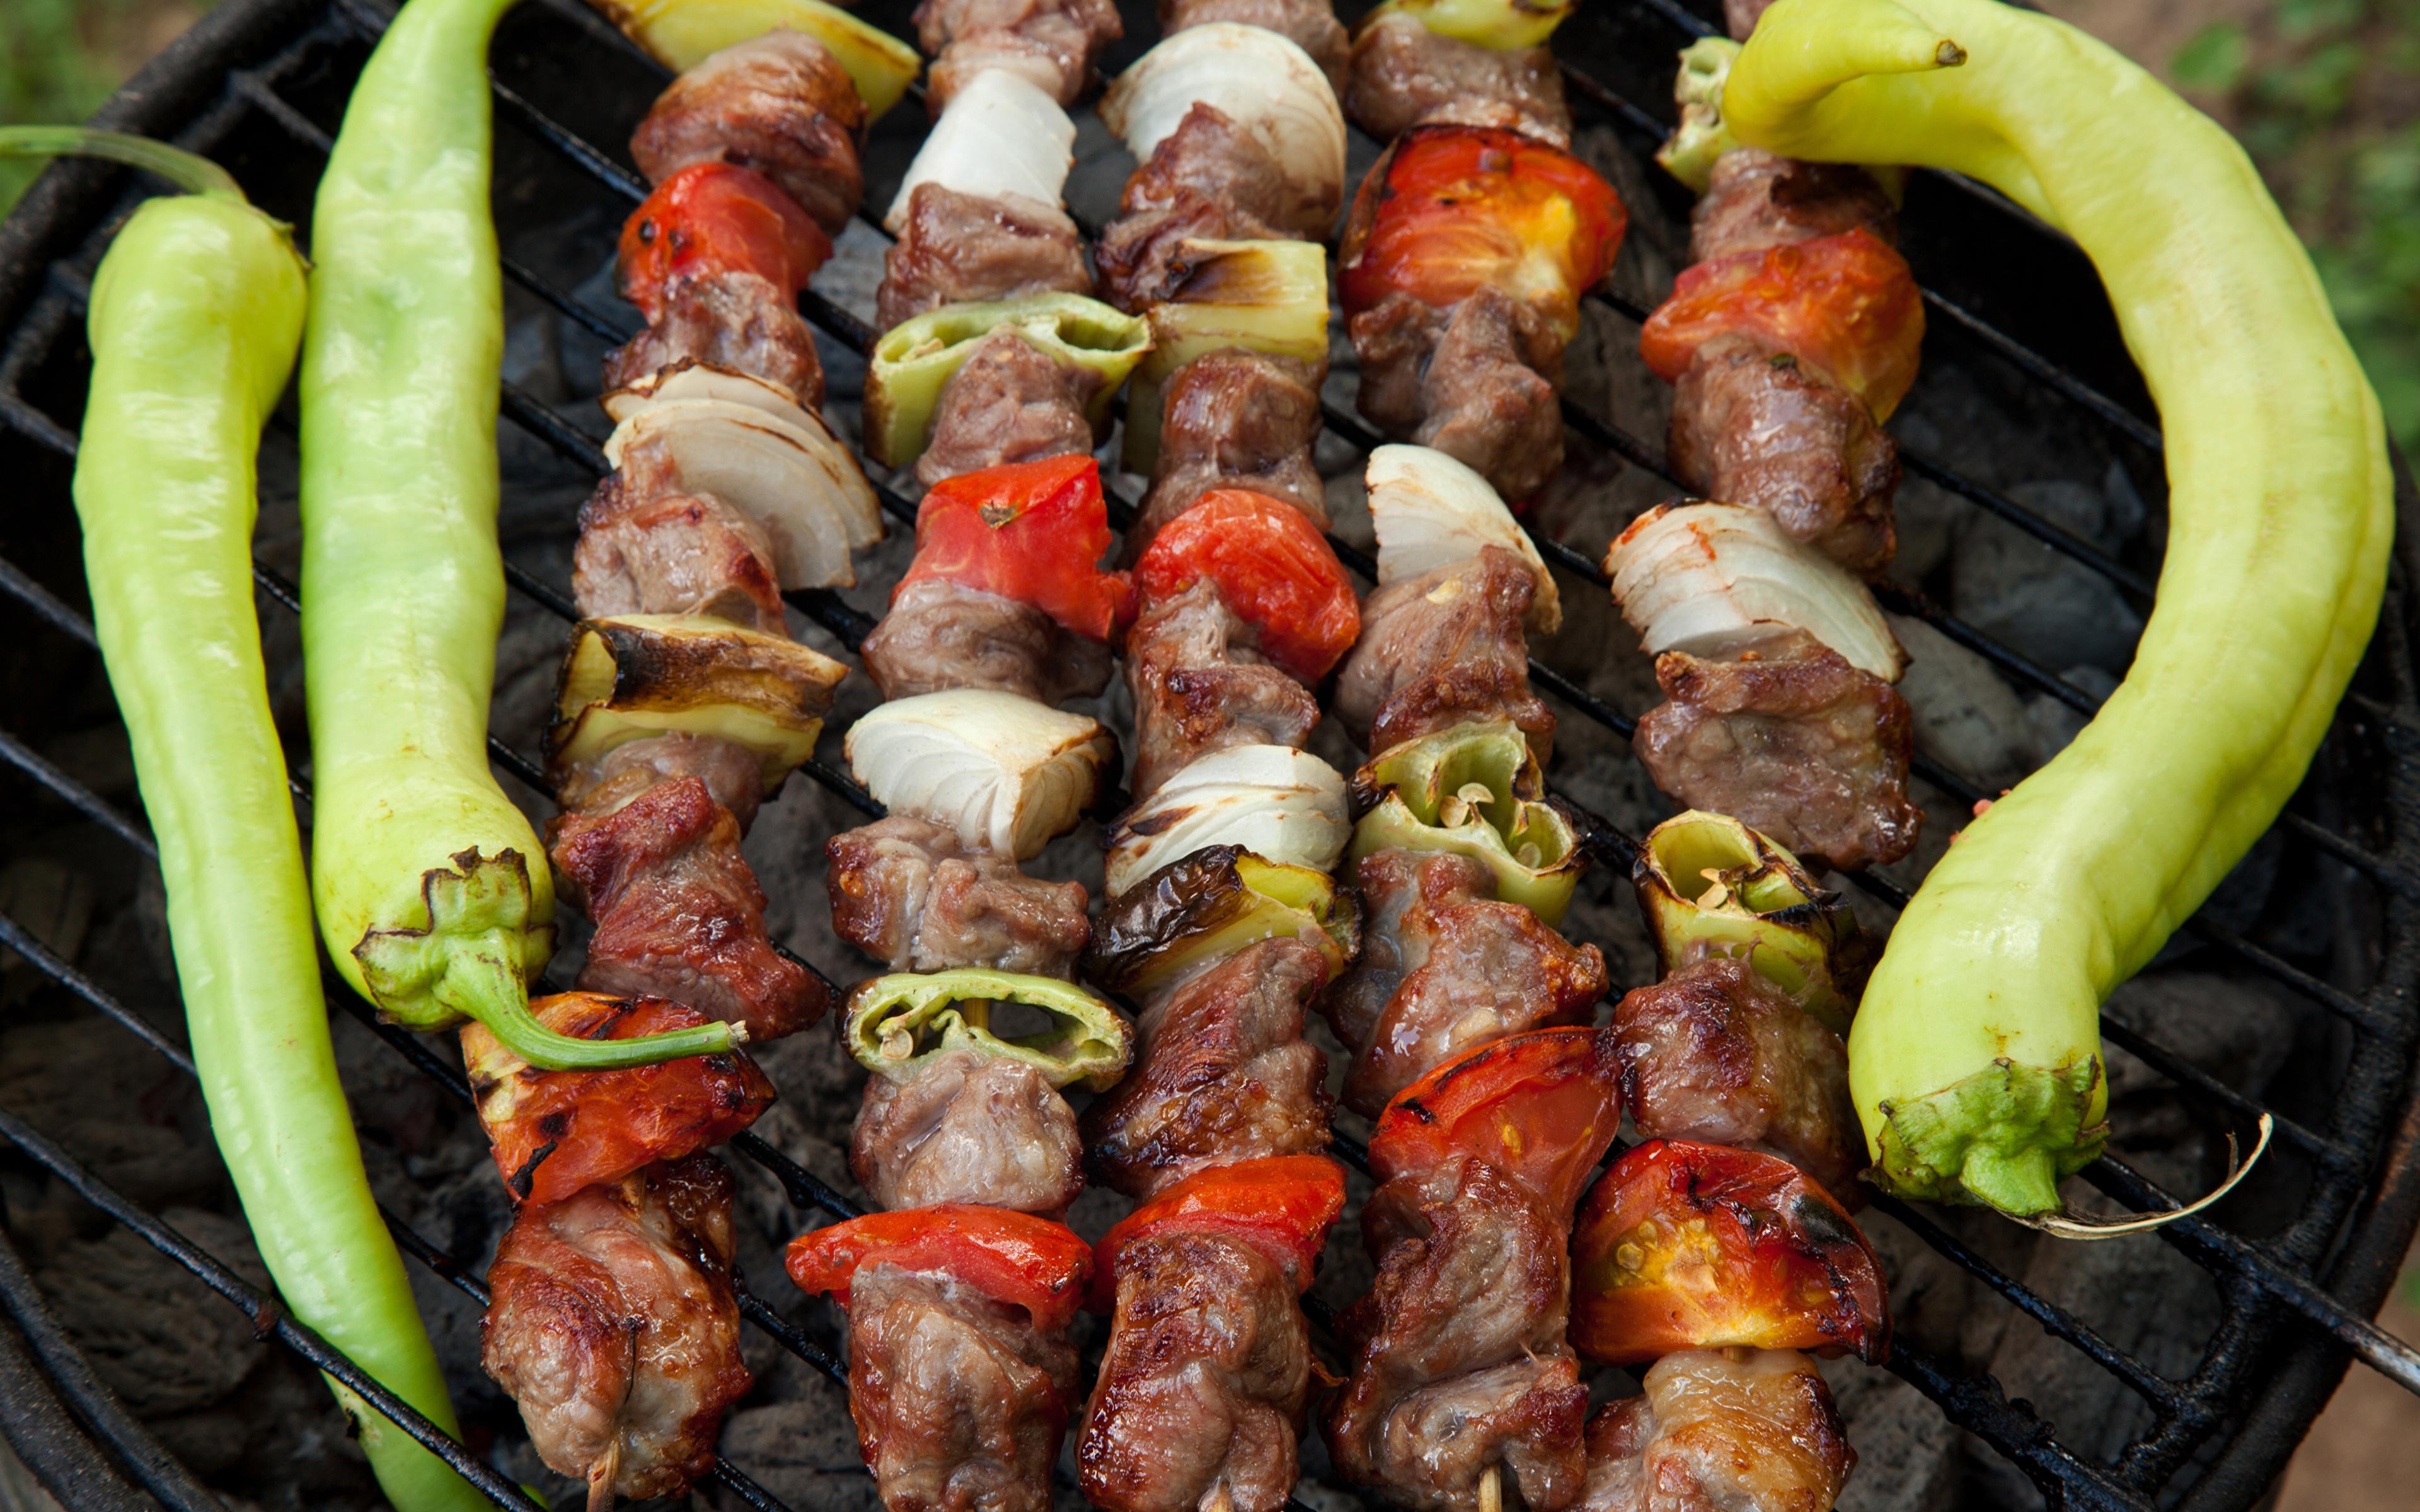 Fotos Schaschlik Gemüse Peperone das Essen Fleischwaren 3840x2400 Lebensmittel